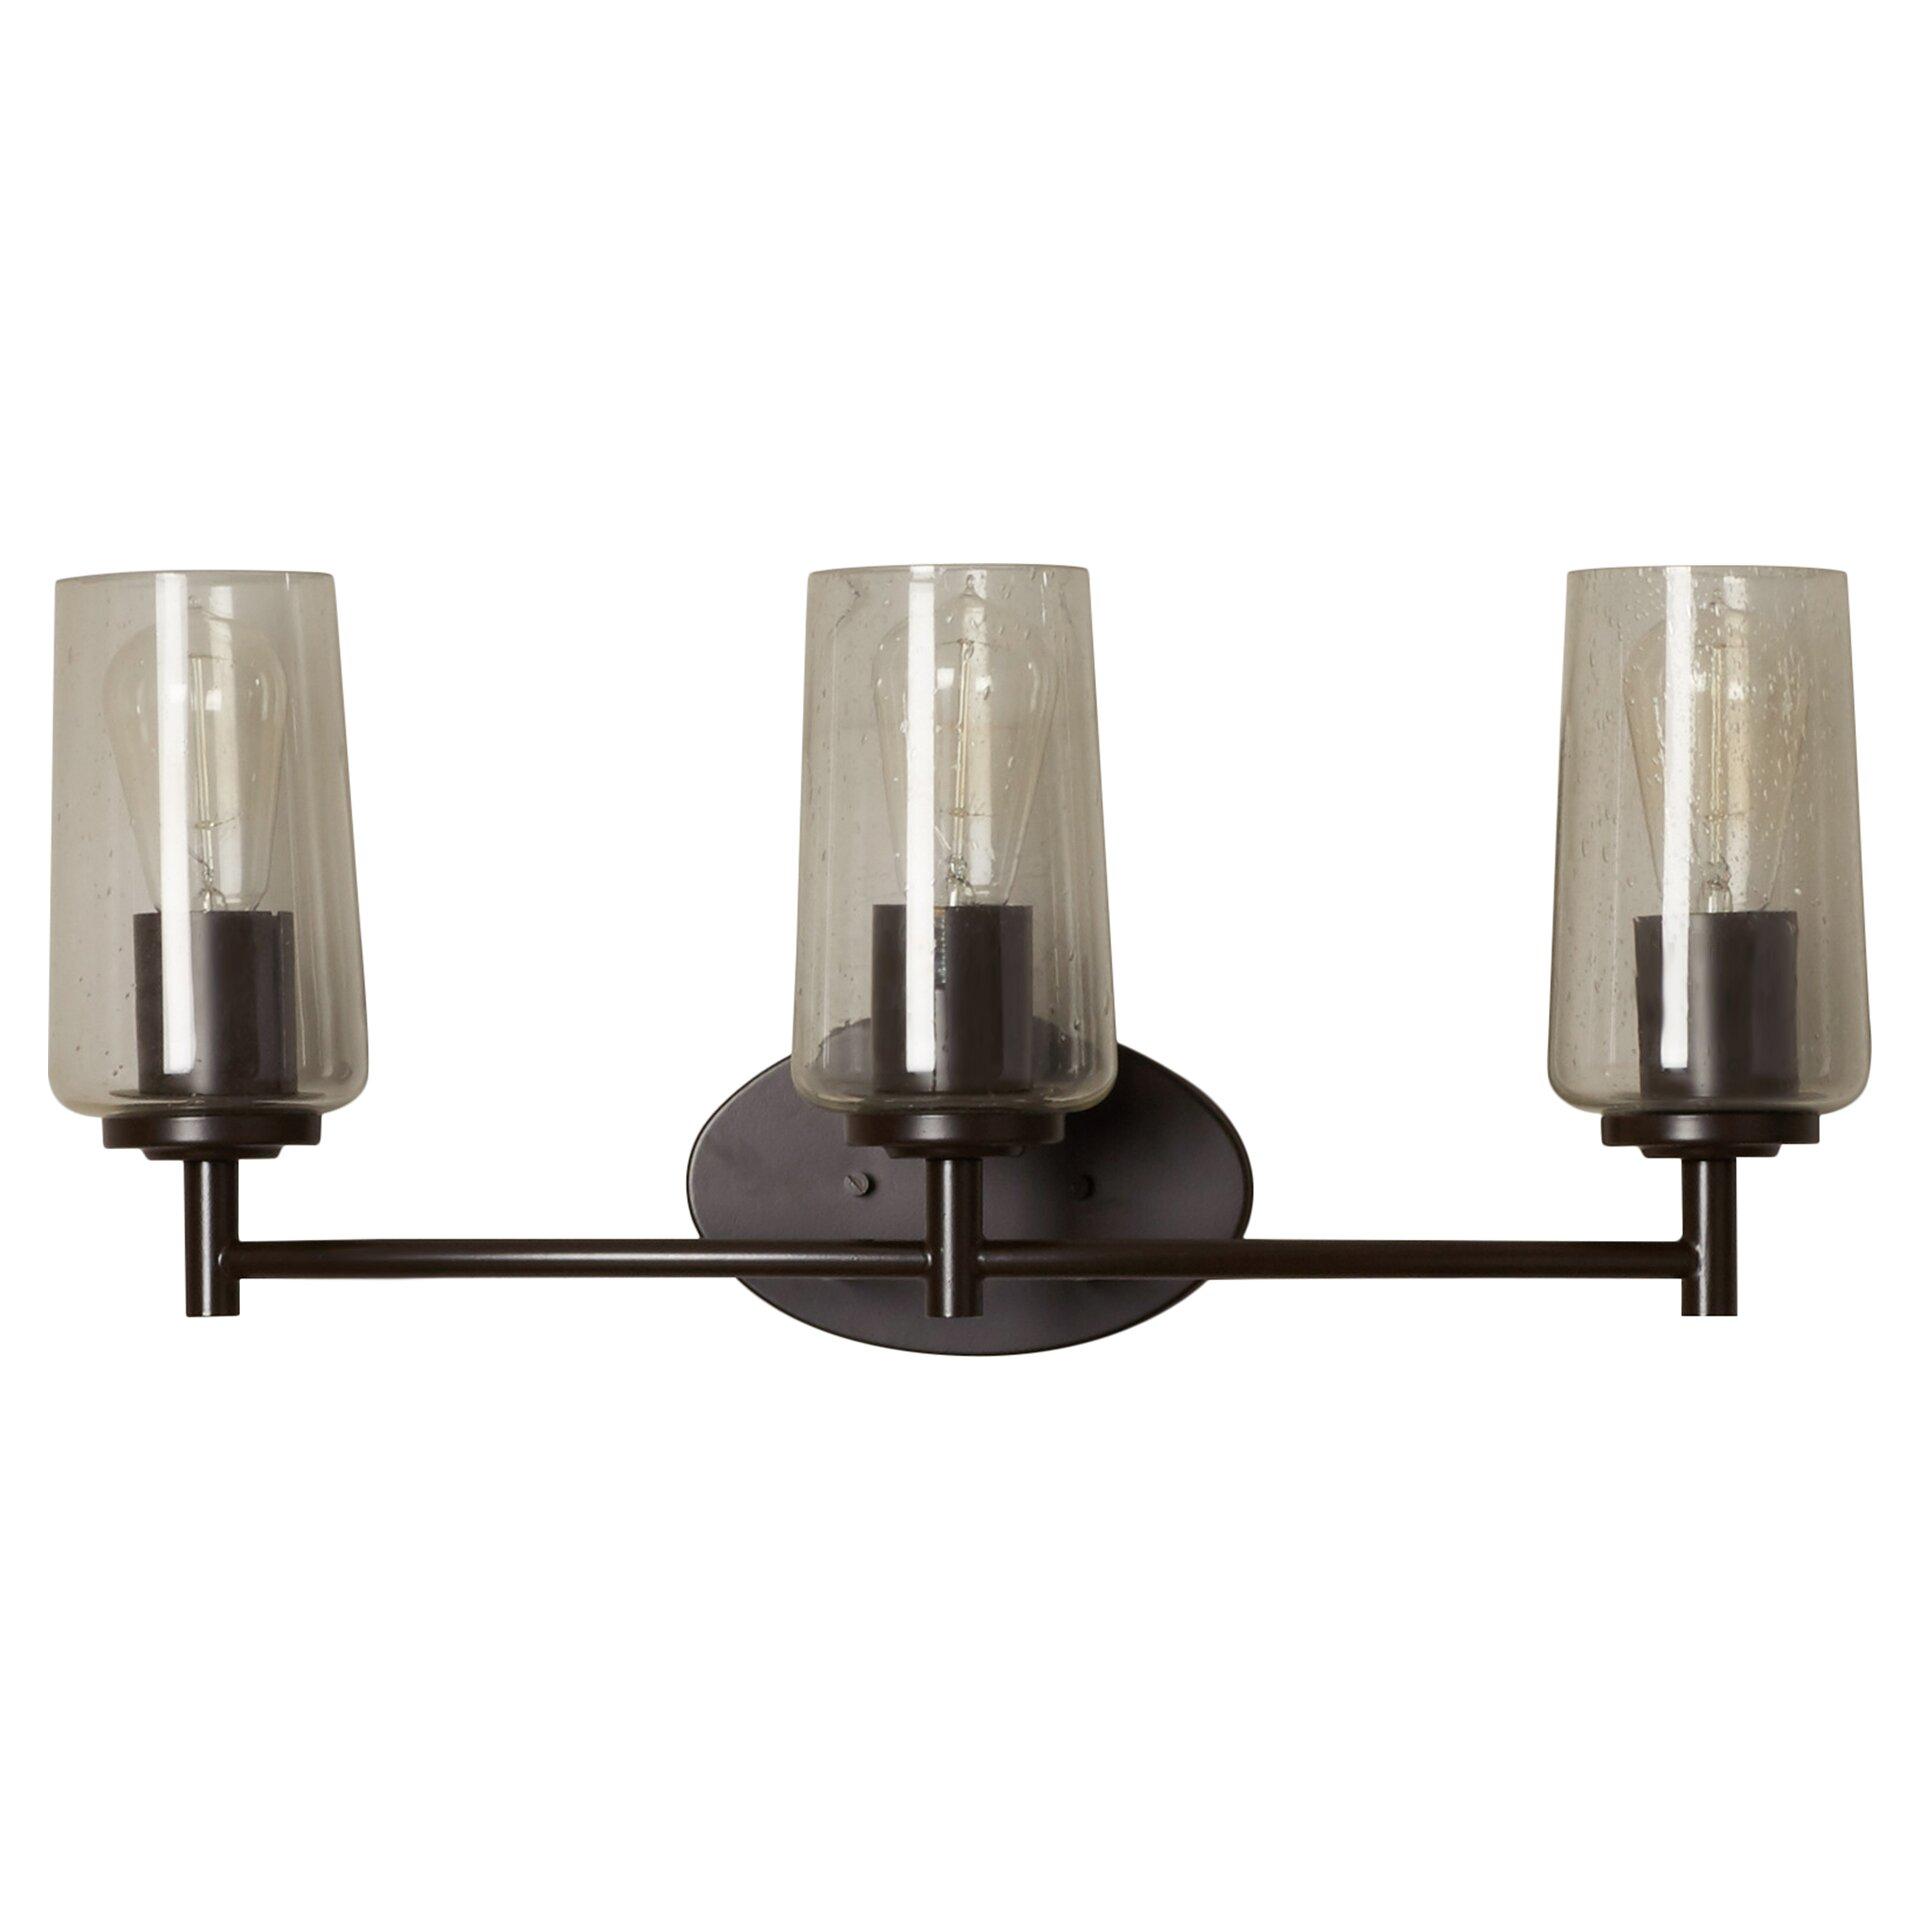 Trent austin design loveland 3 light vanity light for Wayfair industrial lamp